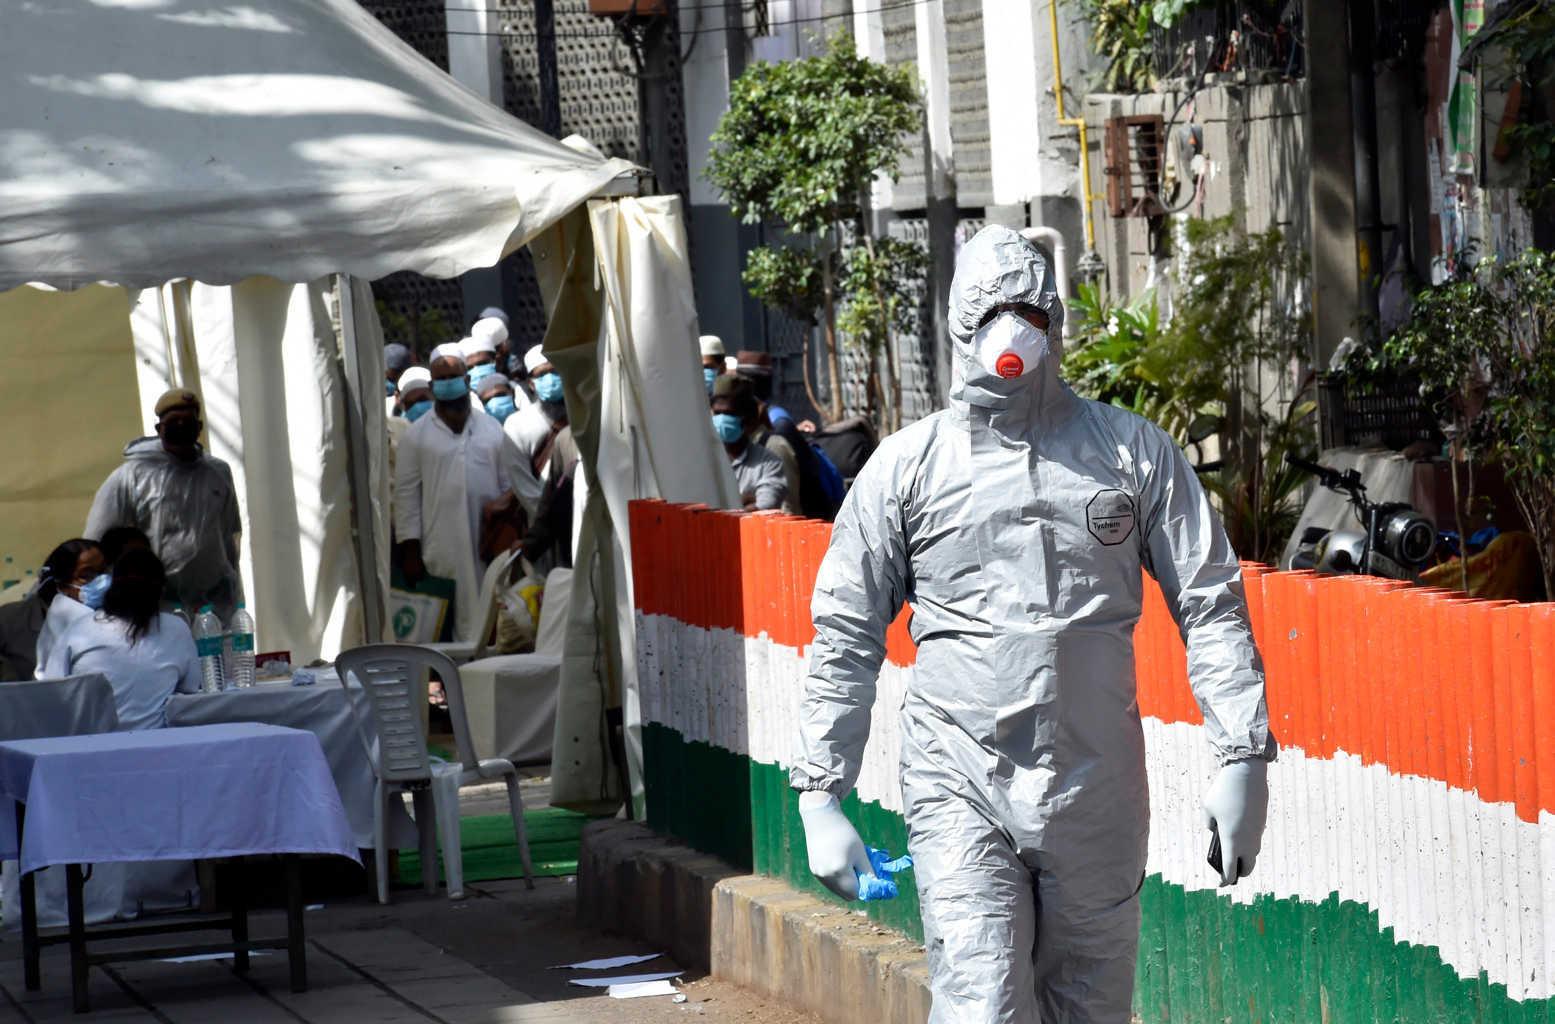 भारतमा १ करोड ८० लाख संक्रमित, २ लाख बढिको ज्यान गयो